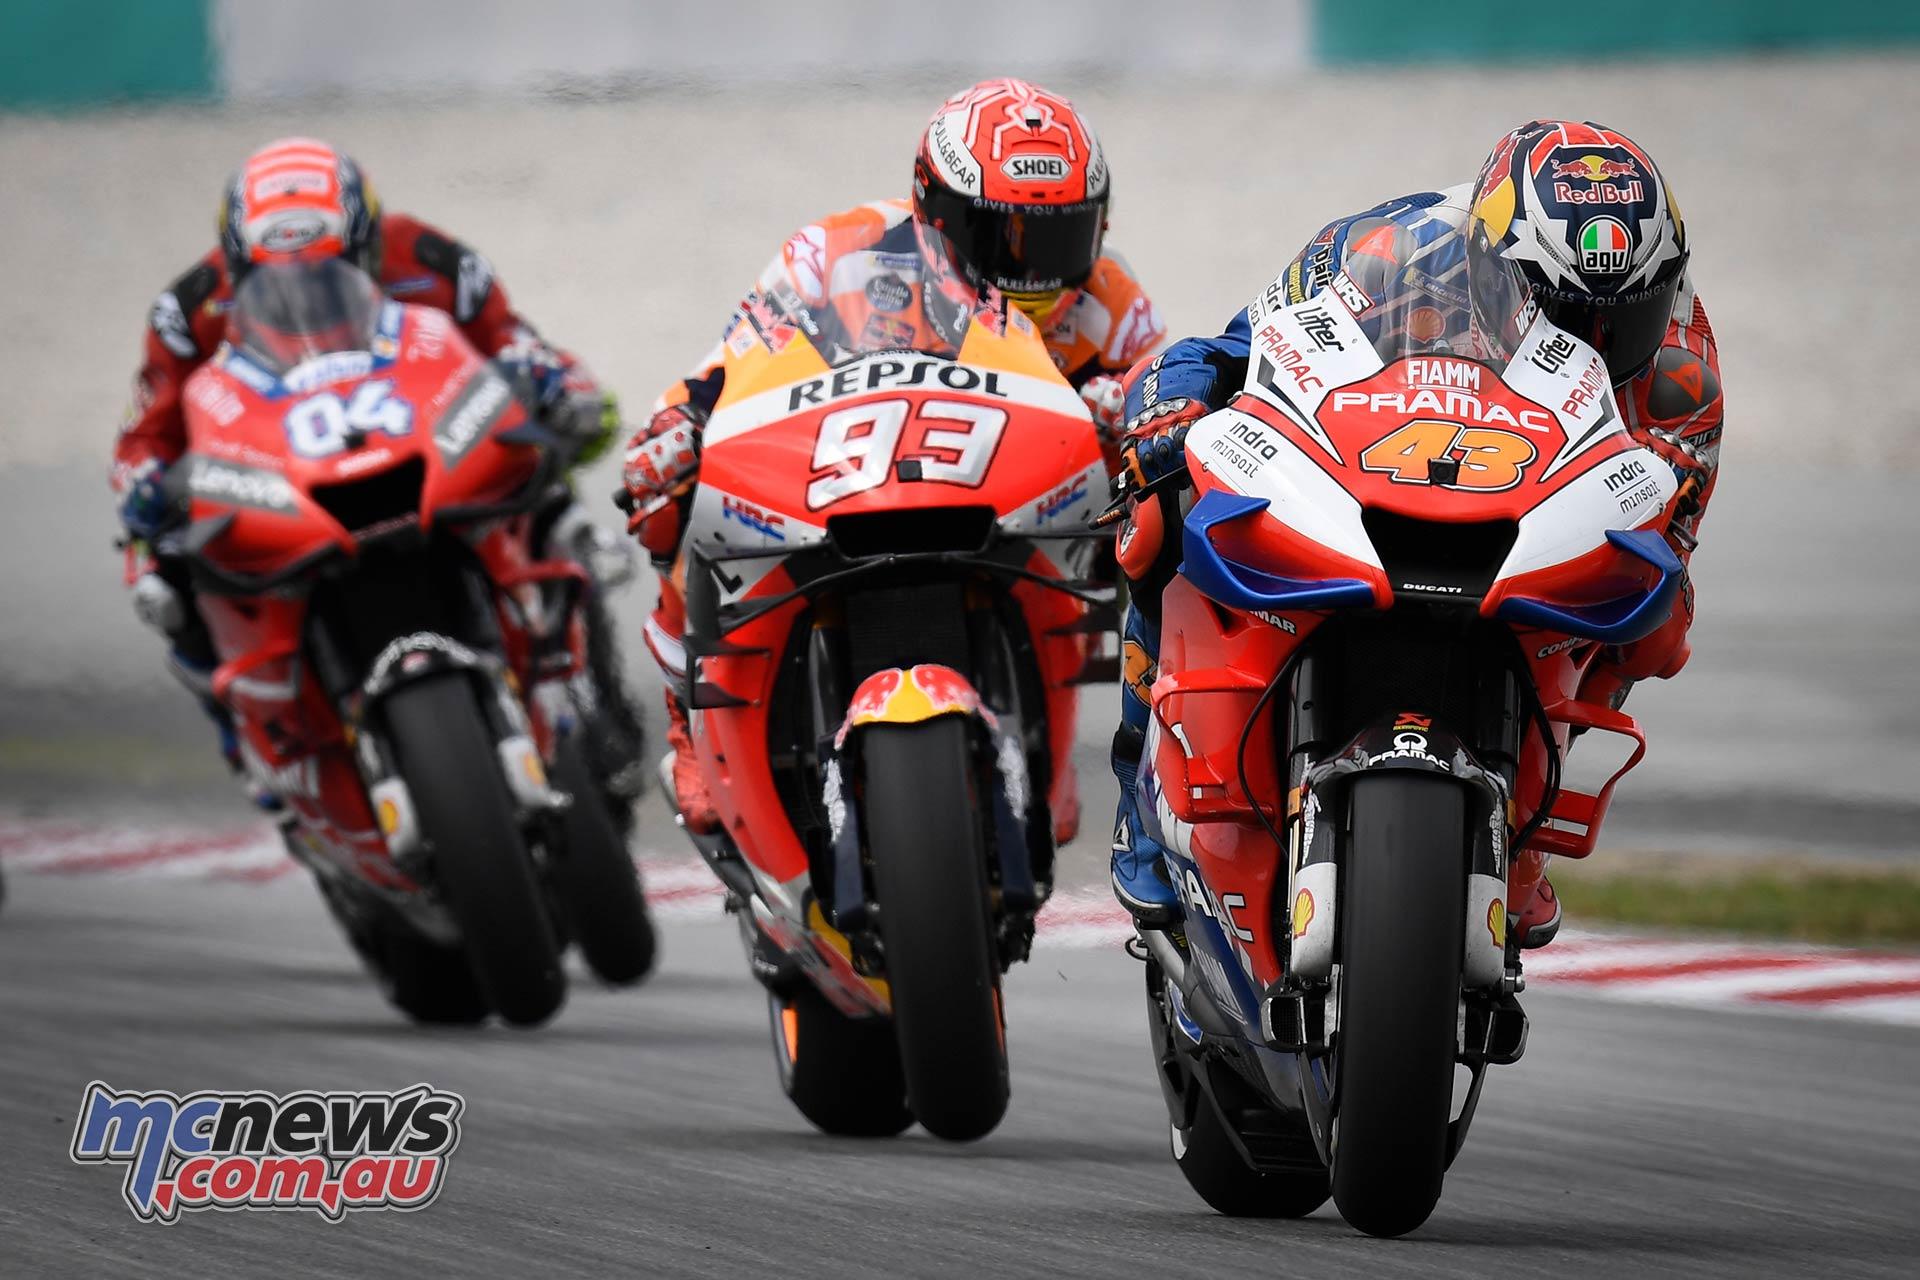 MotoGP Rnd Malaysia Miller Marquez Dovi